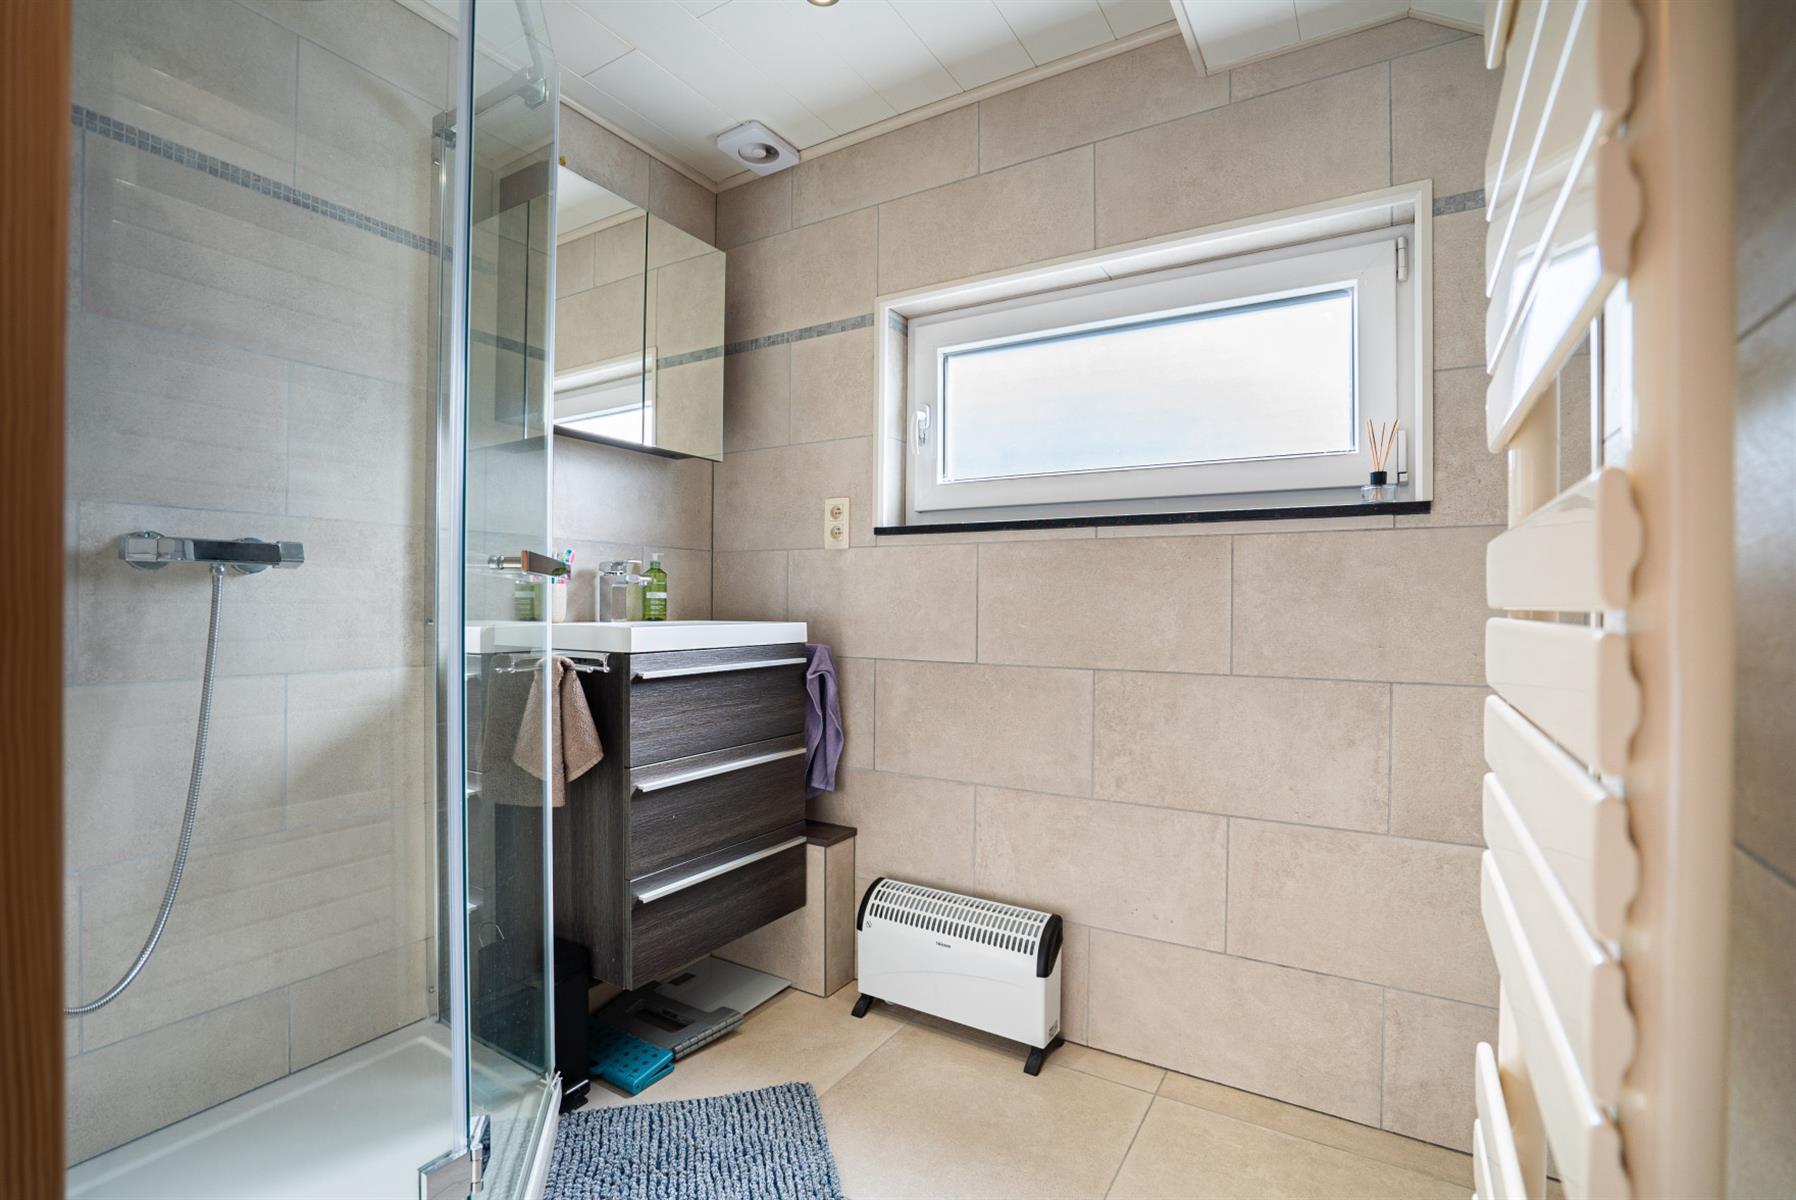 Maison - Verviers - #4321260-16